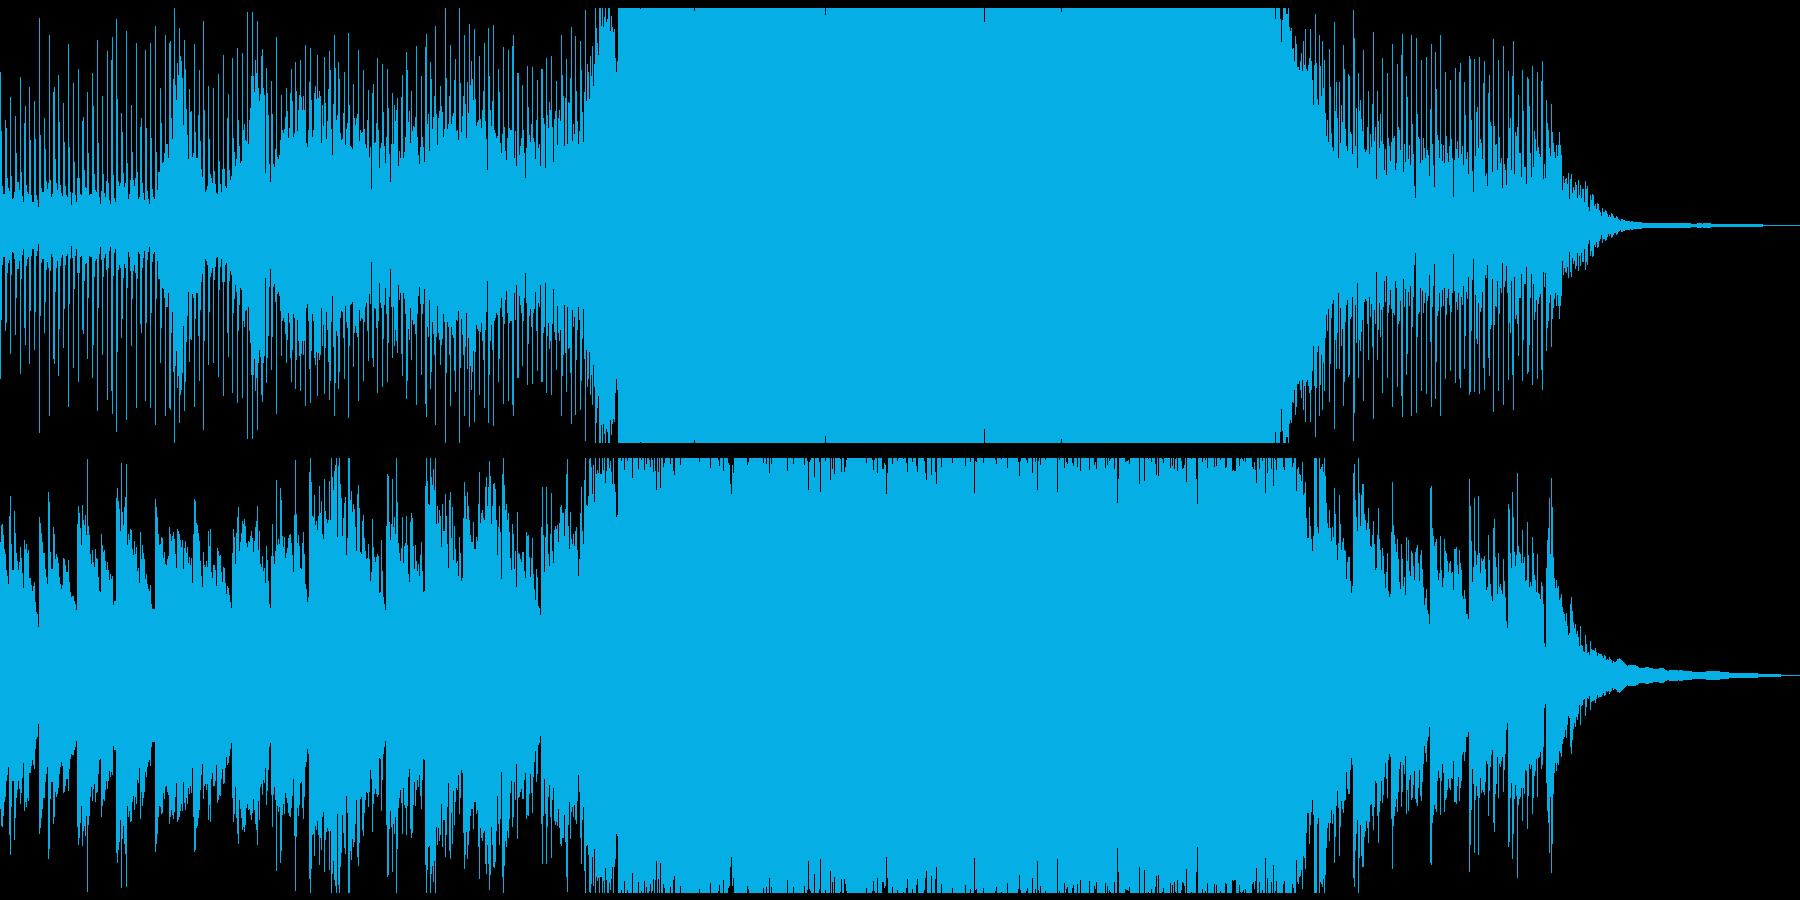 未来を感じる映像に 4つ打ちソフトロックの再生済みの波形